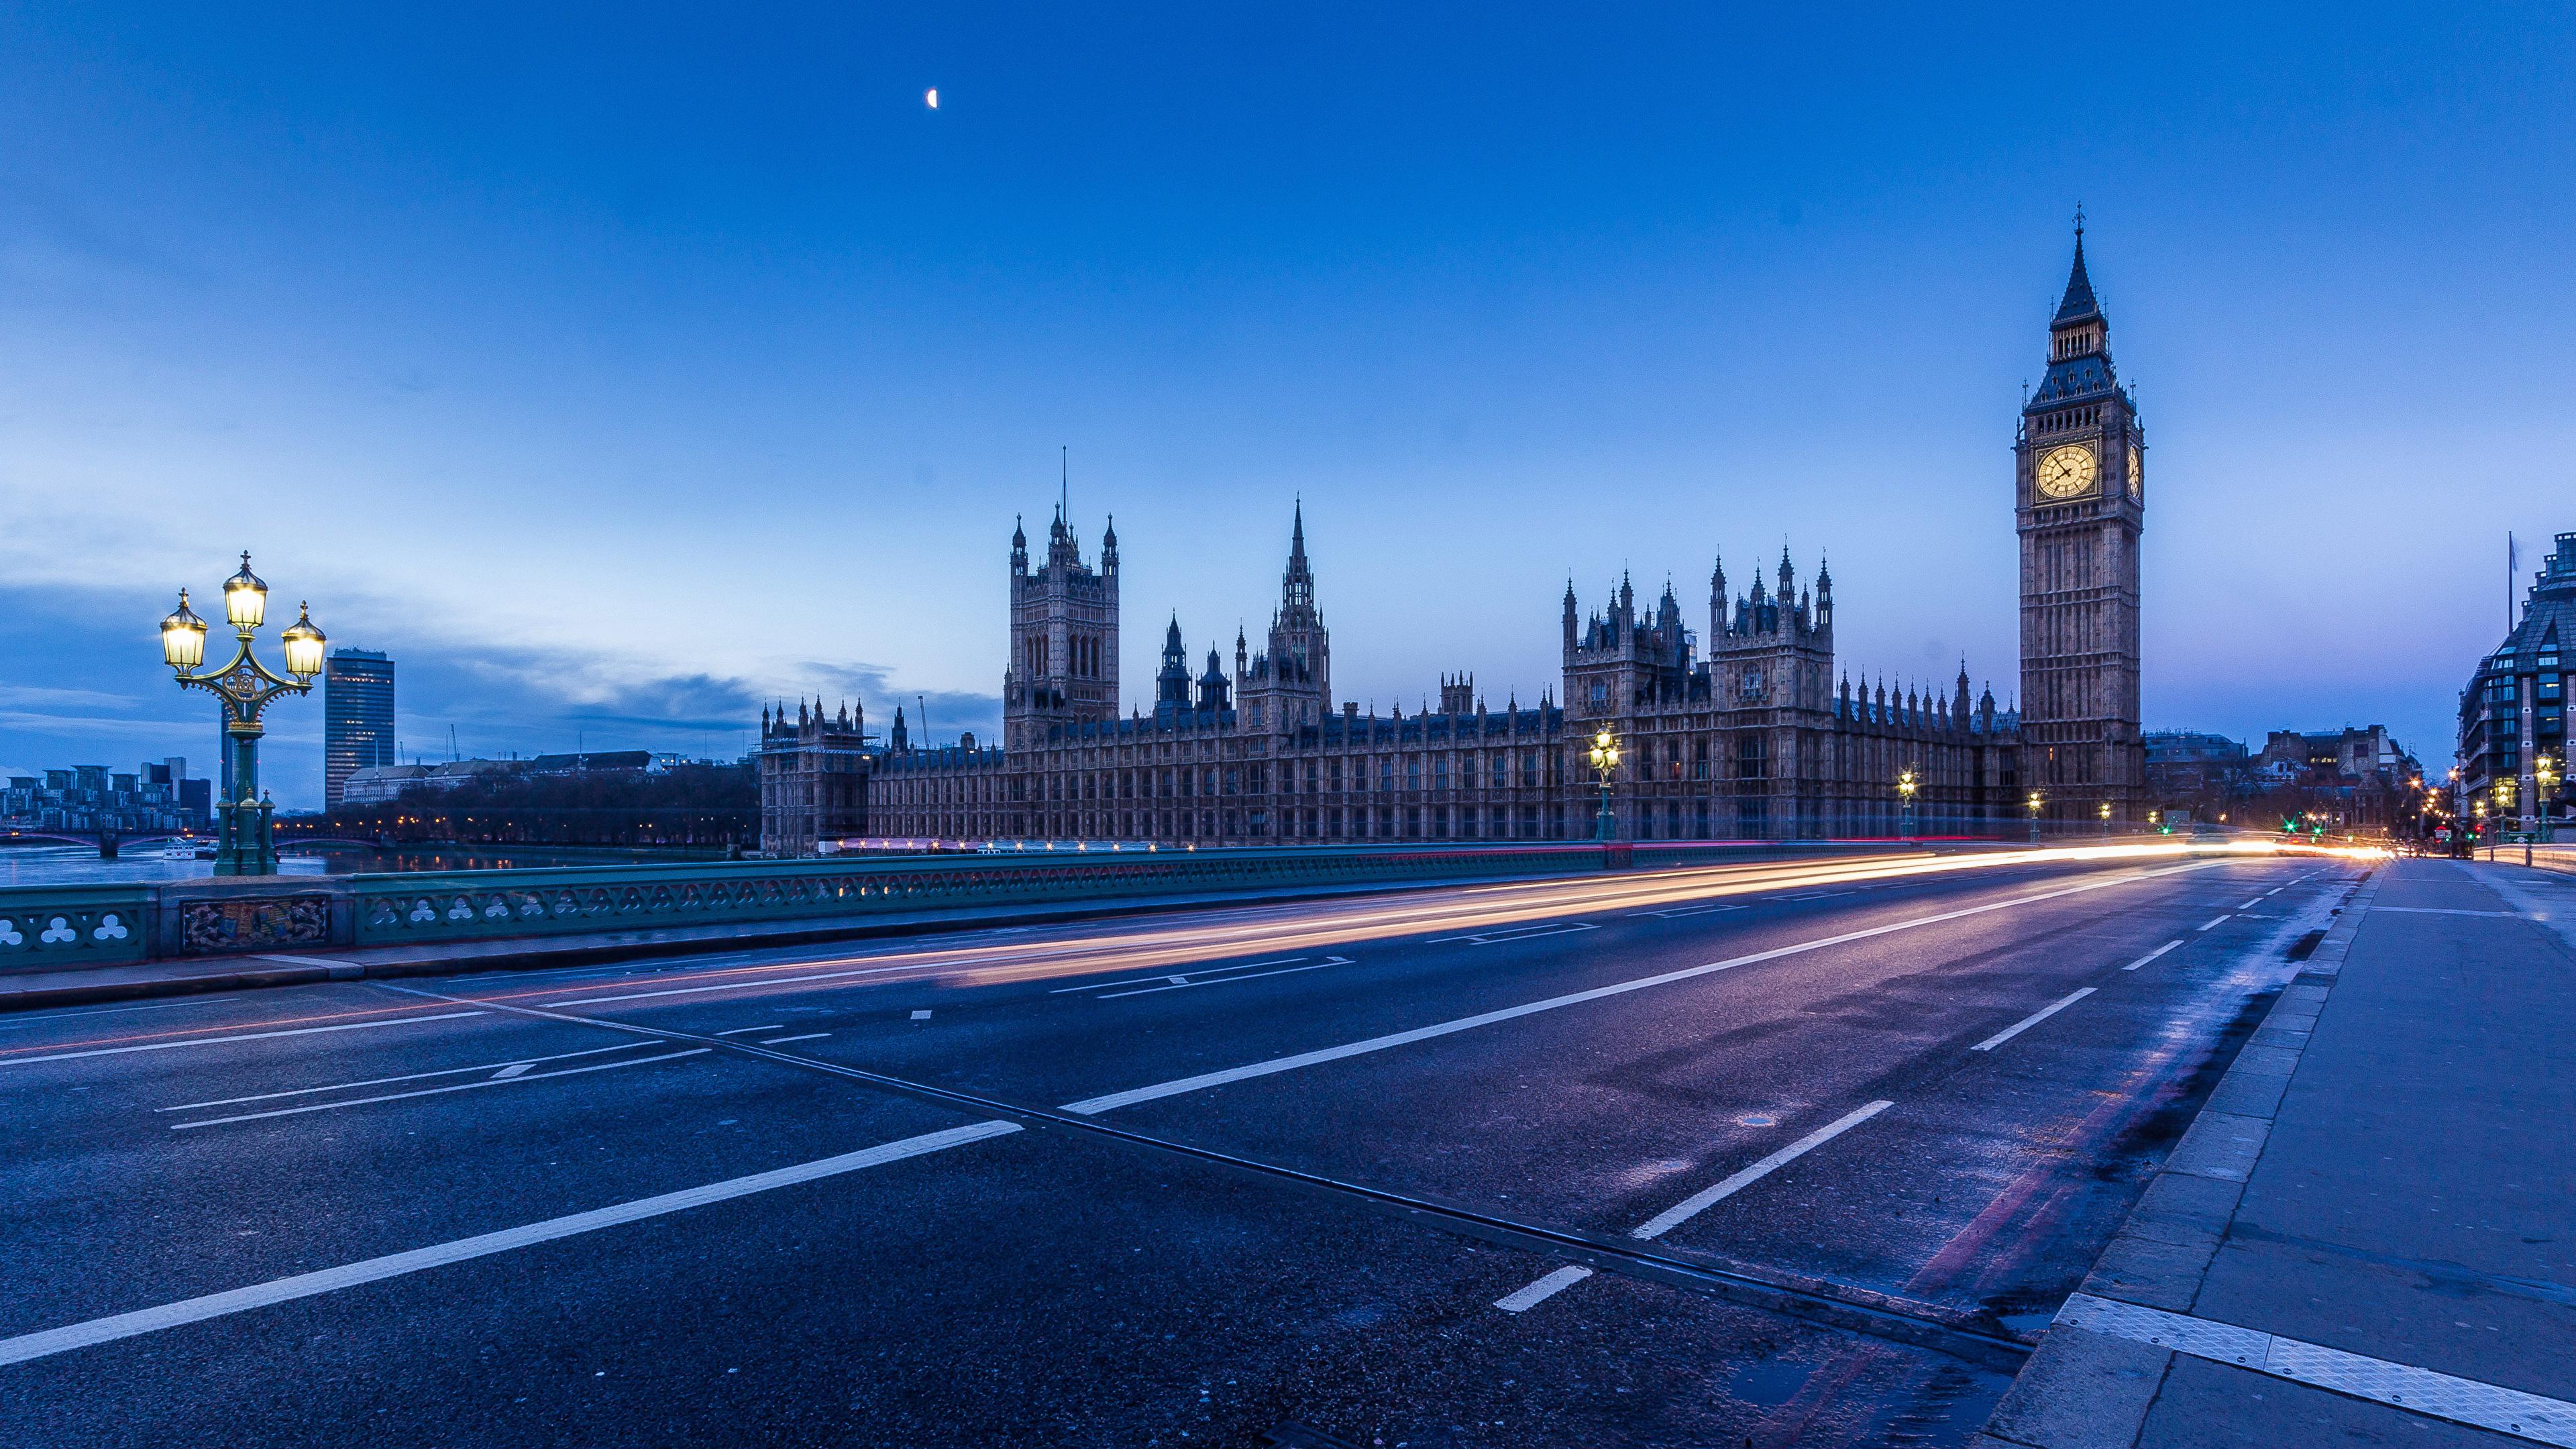 страны архитектура ночь Лондон Великобритания Англия смотреть